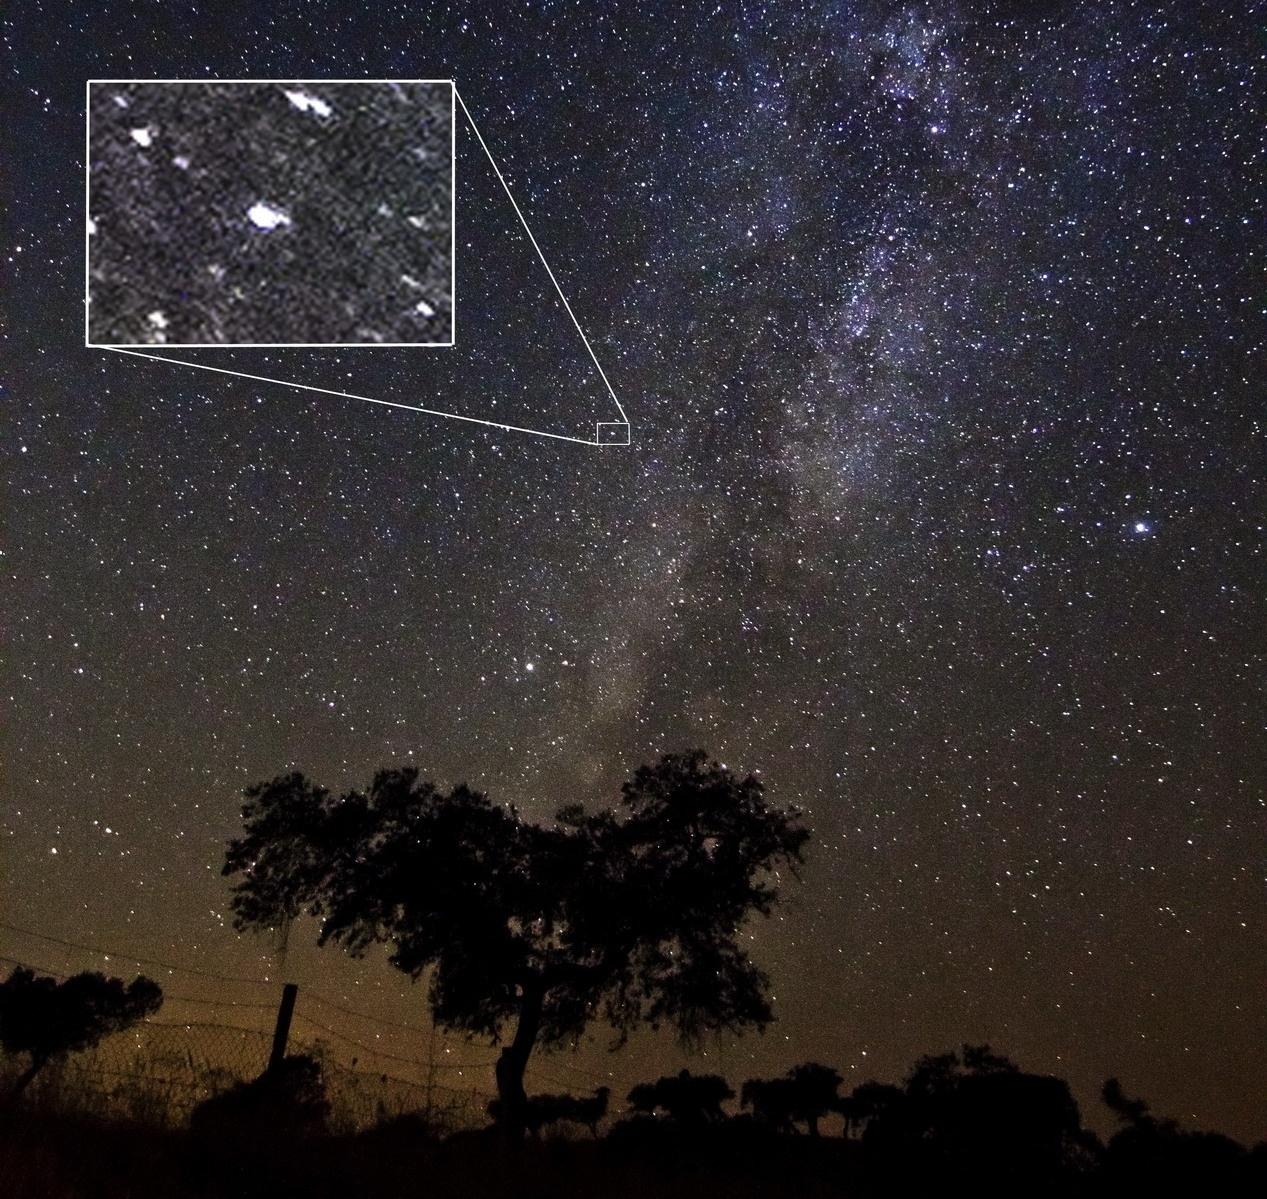 Una pyme española inmortaliza la aparición de una nueva estrella desde el parque natural de Sierra Morena